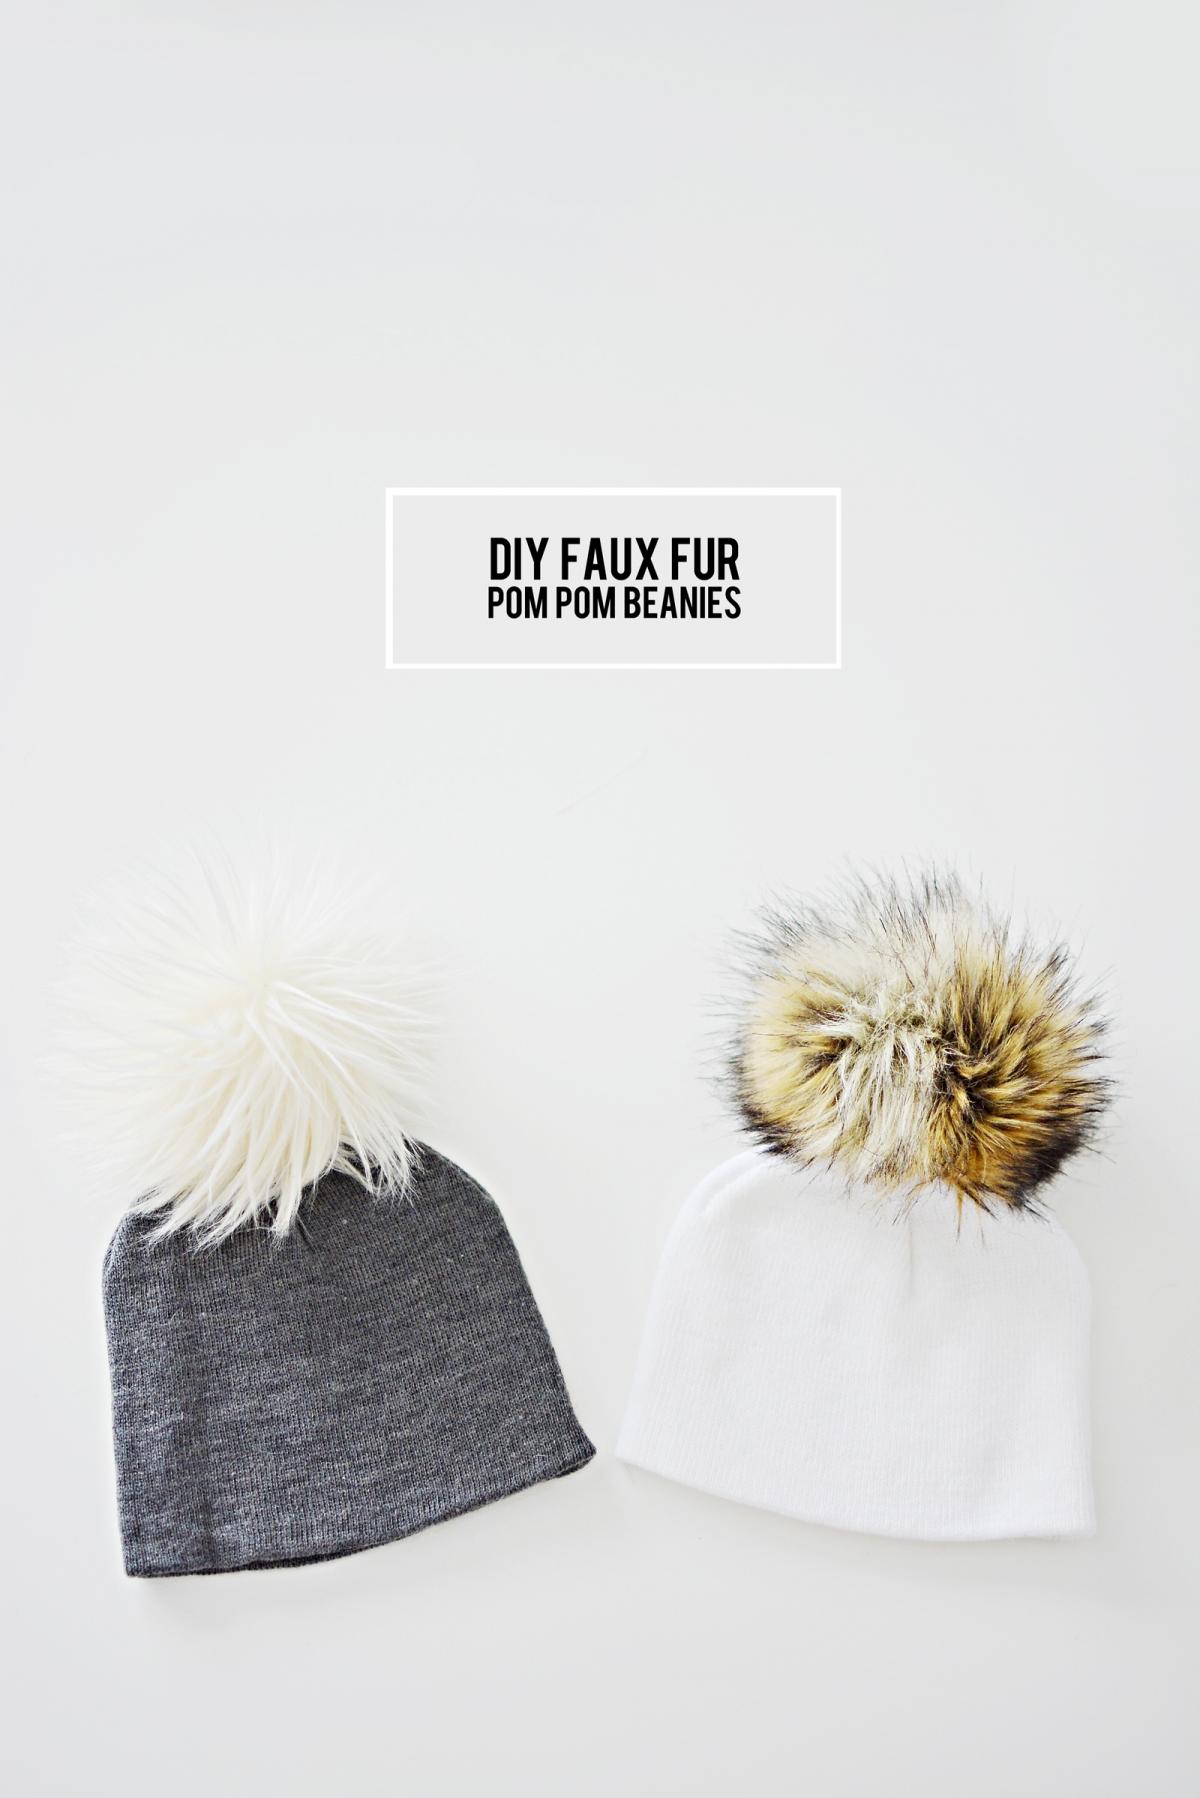 diy faux fur pom pom beanies little inspiration. Black Bedroom Furniture Sets. Home Design Ideas